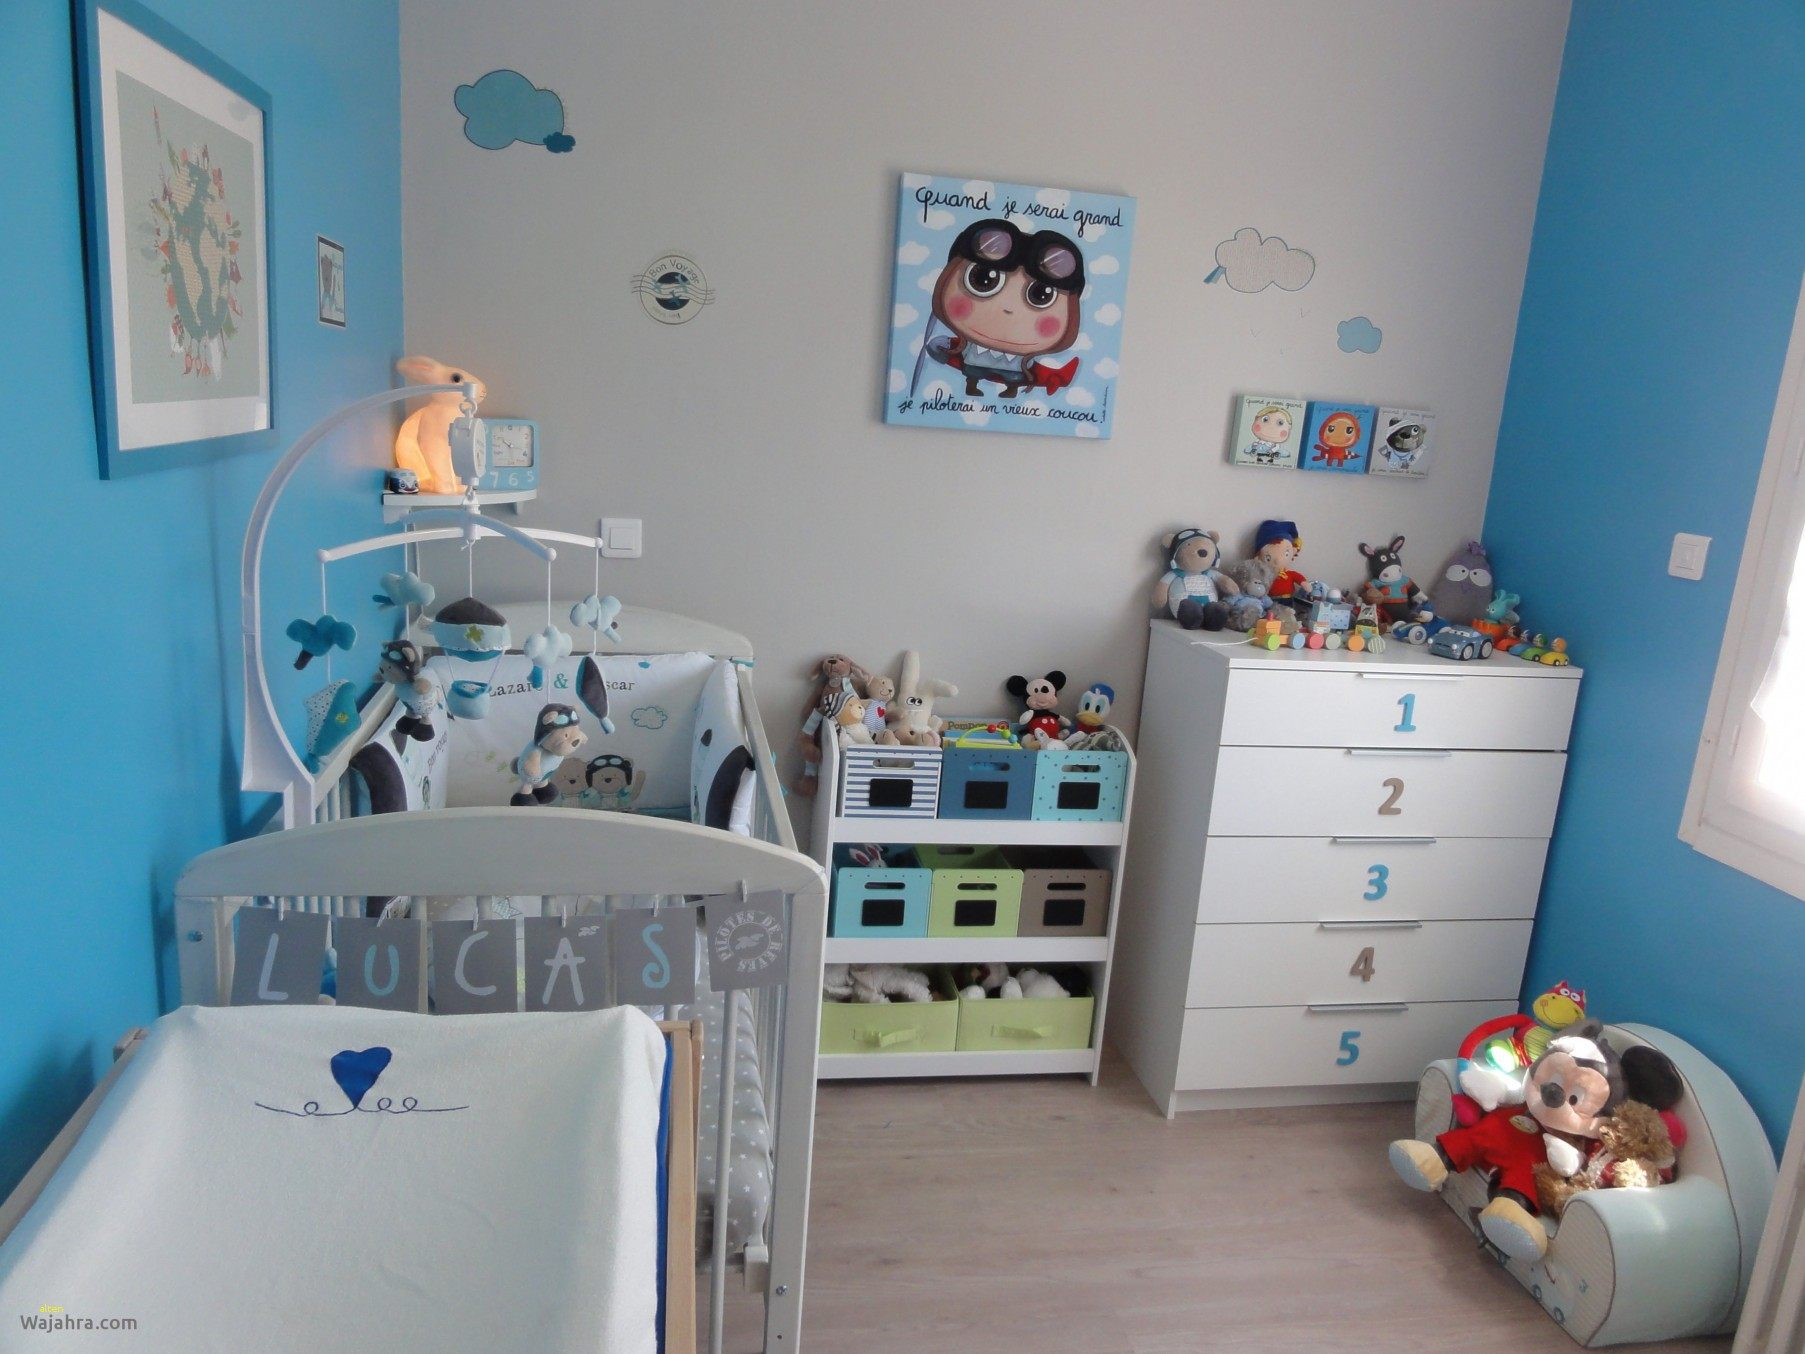 Lit Bébé Pliable Beau Grande Baignoire Bébé Awesome Mode Bébé Charmant Fantastiqué